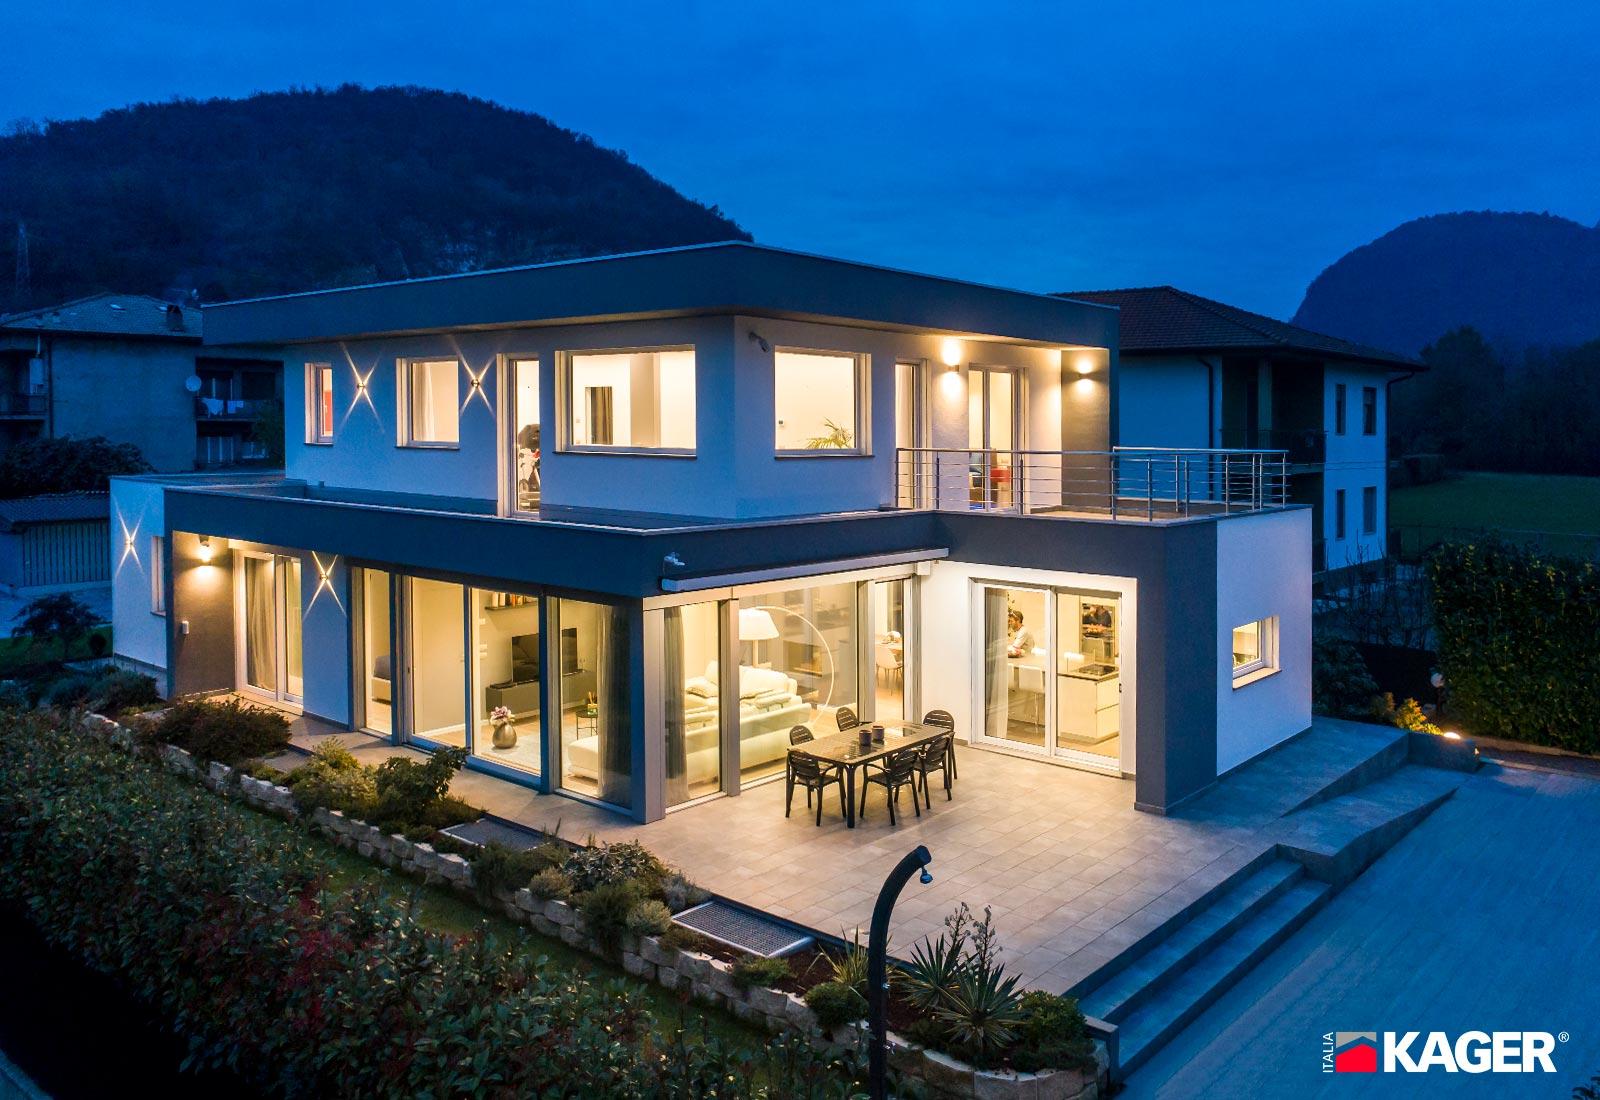 Casa-in-legno-Arcisate-Varese-Kager-Italia-01